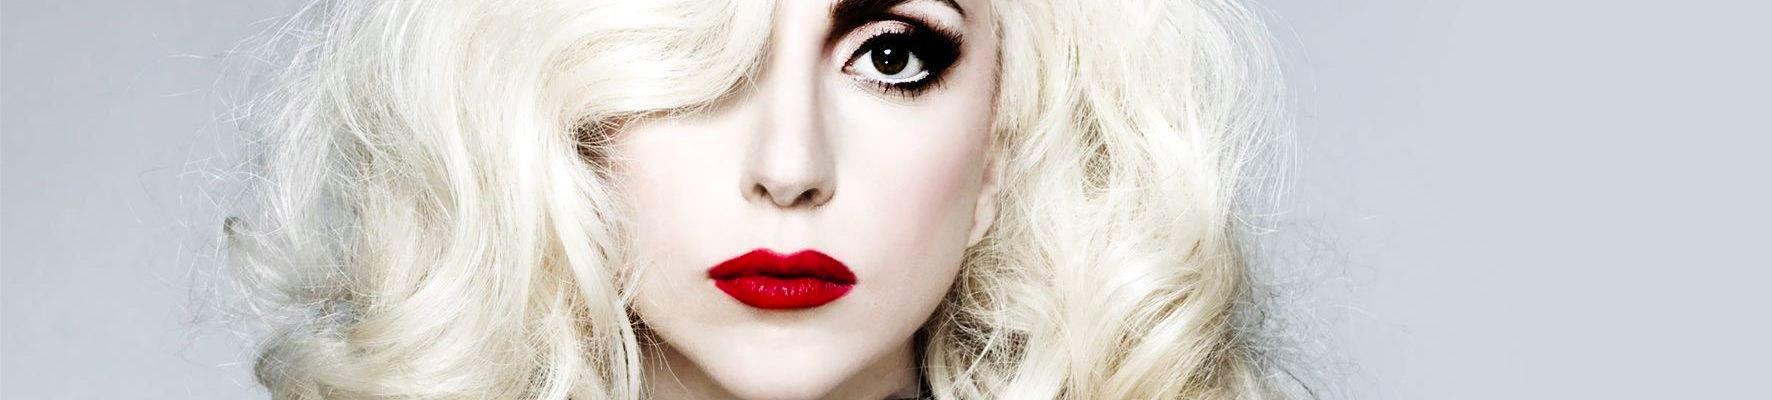 1436806692 1 1772x400 - Леди Гага – пропаганда разврата или откровенные танцы